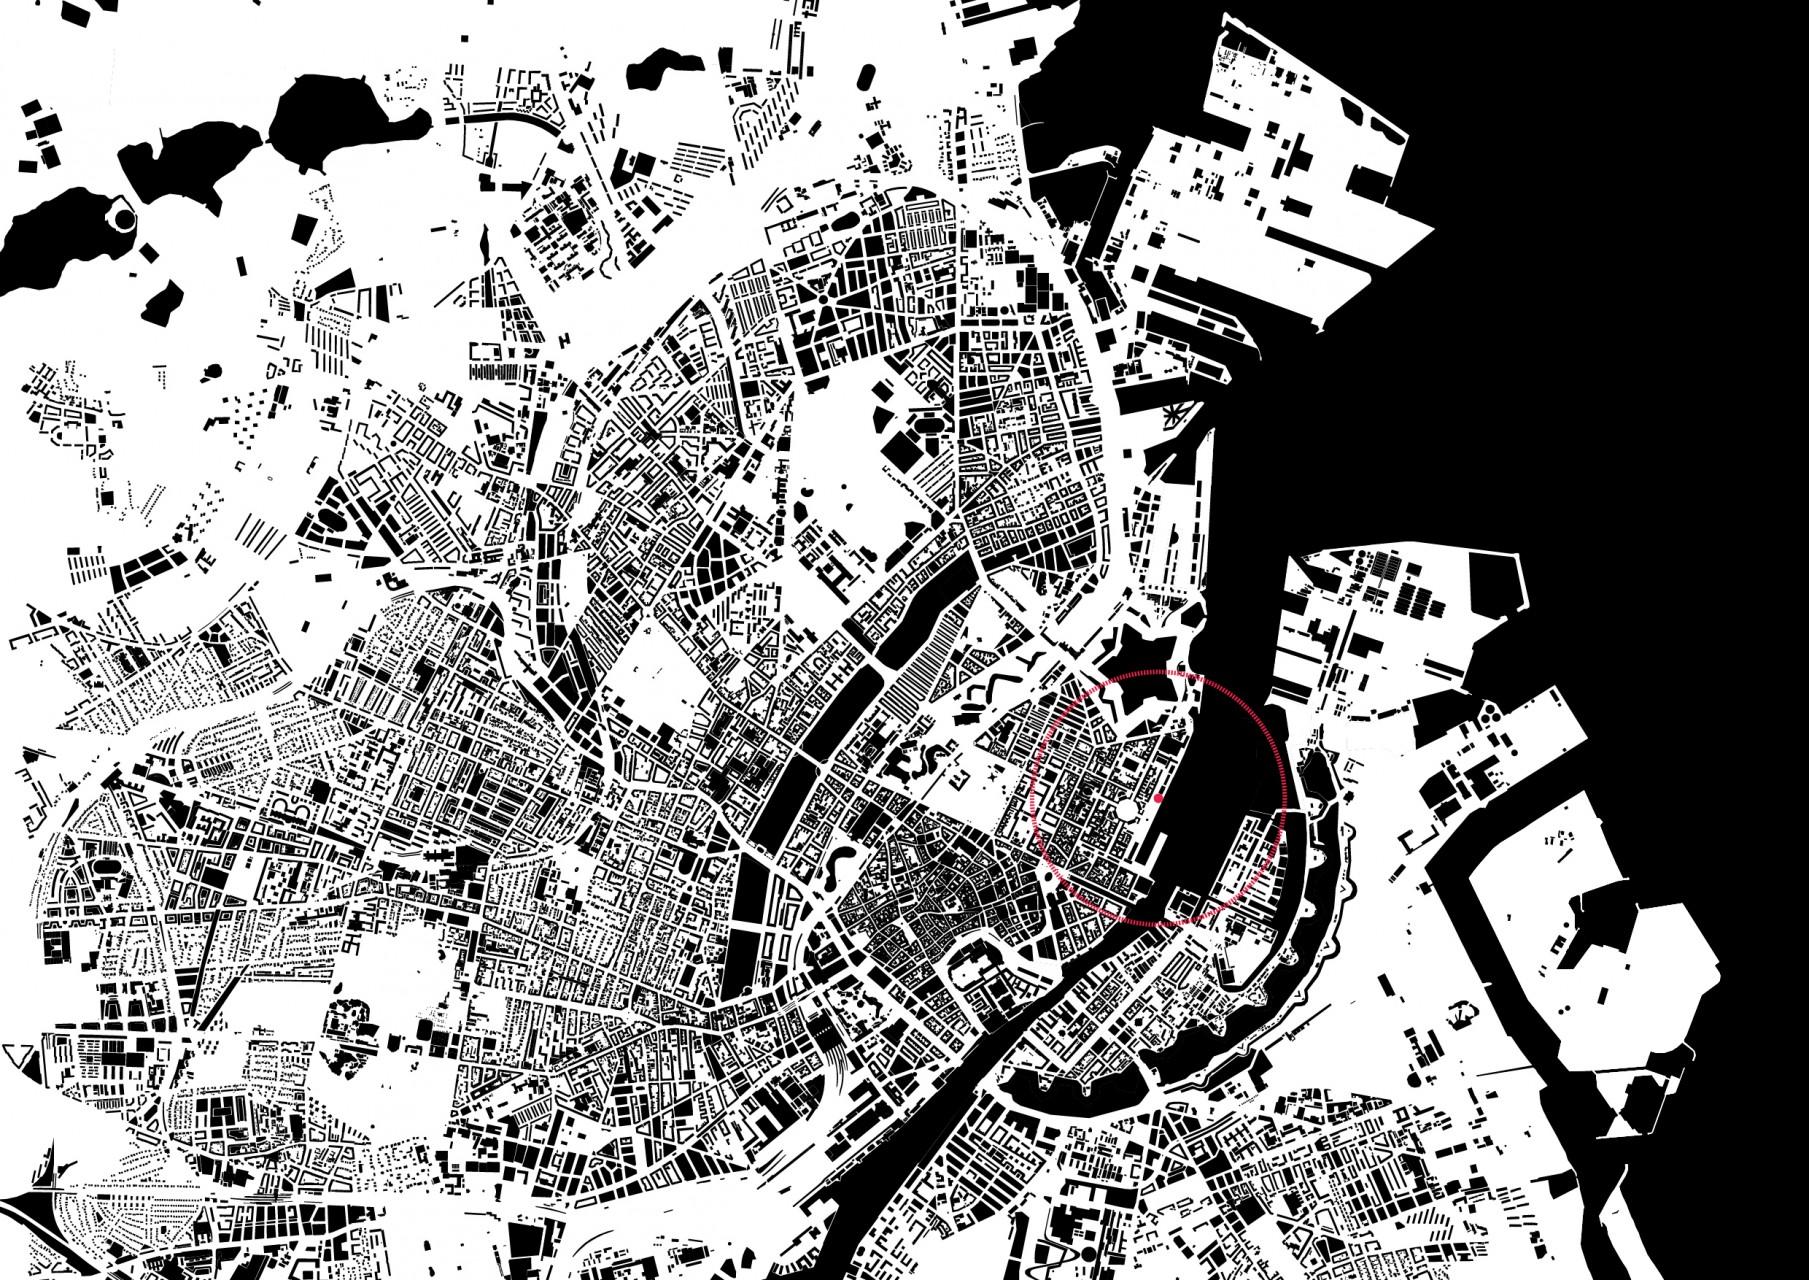 Le projet est localisé au bord de l'Öresund à proximité de centres très touristiques de la ville de Copenhague.